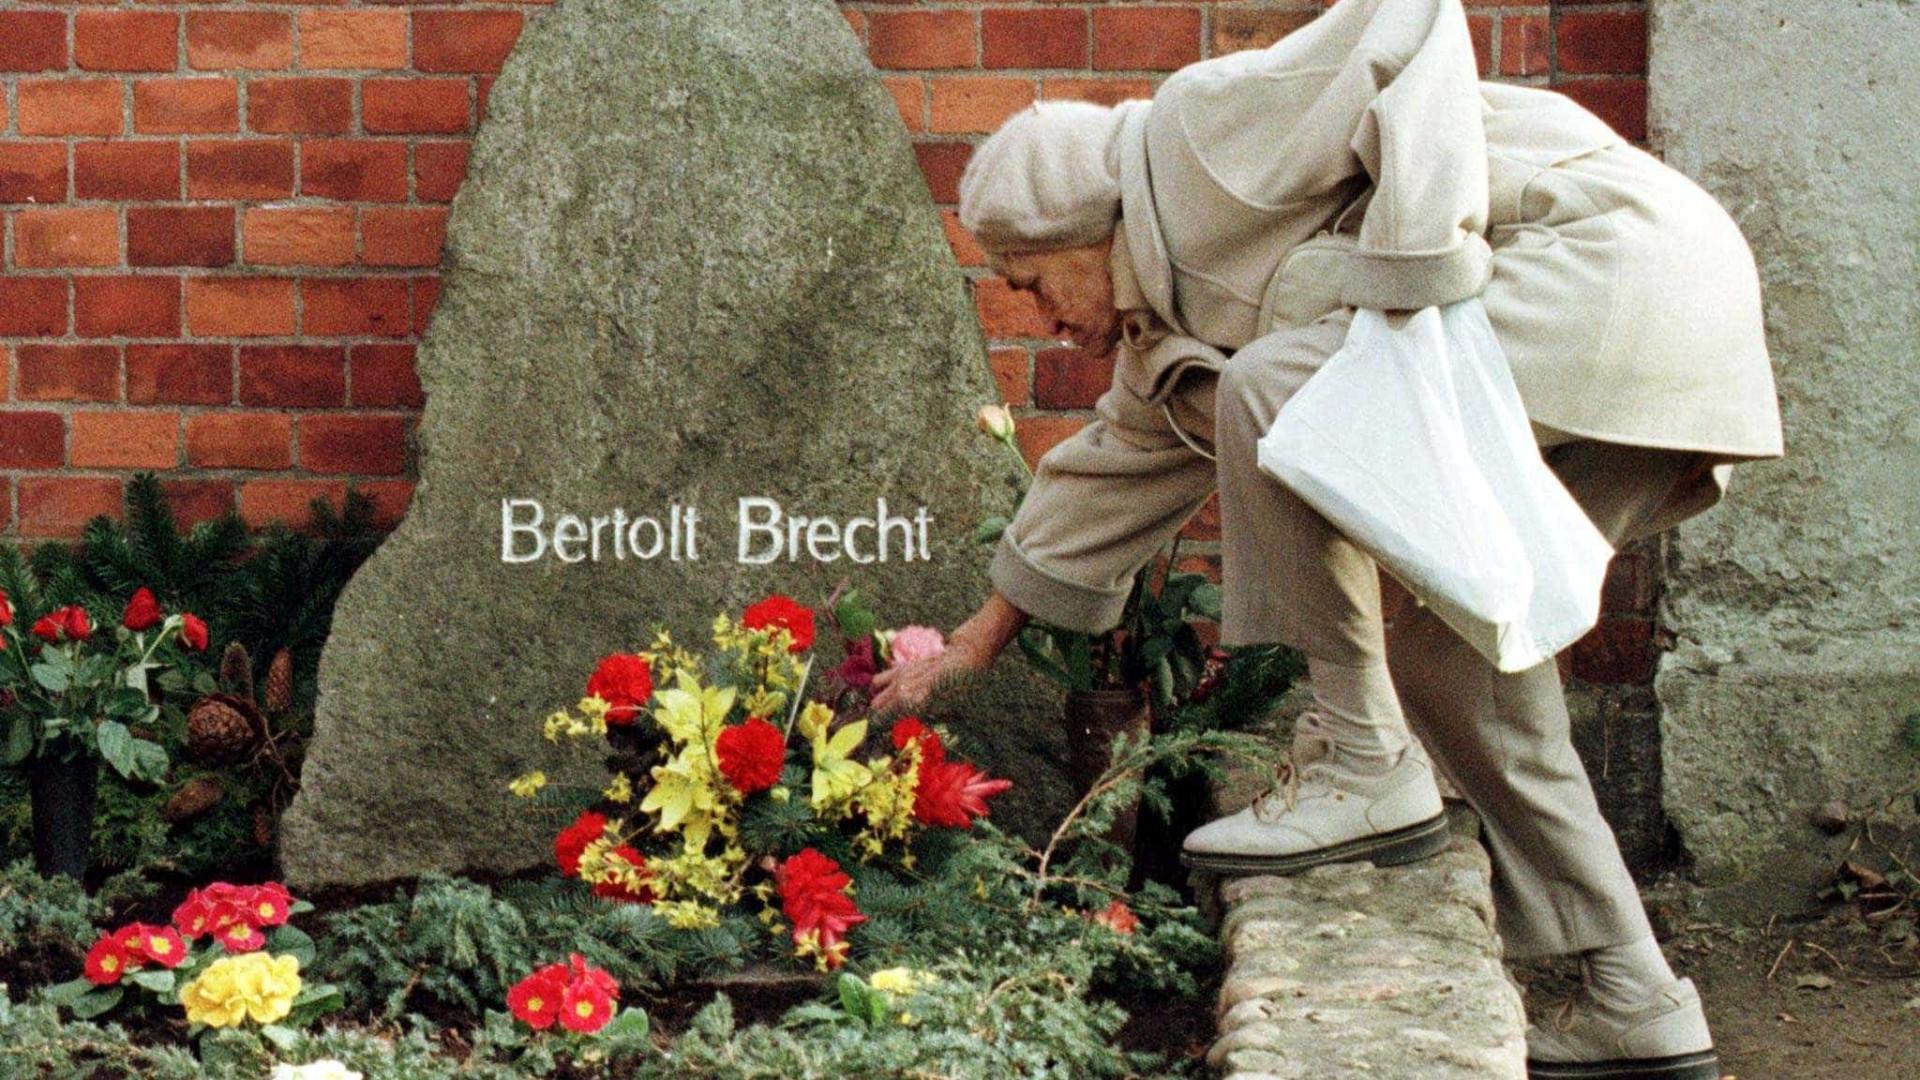 Teatro da Rainha inicia temporada com ensaios inacabados de Brecht